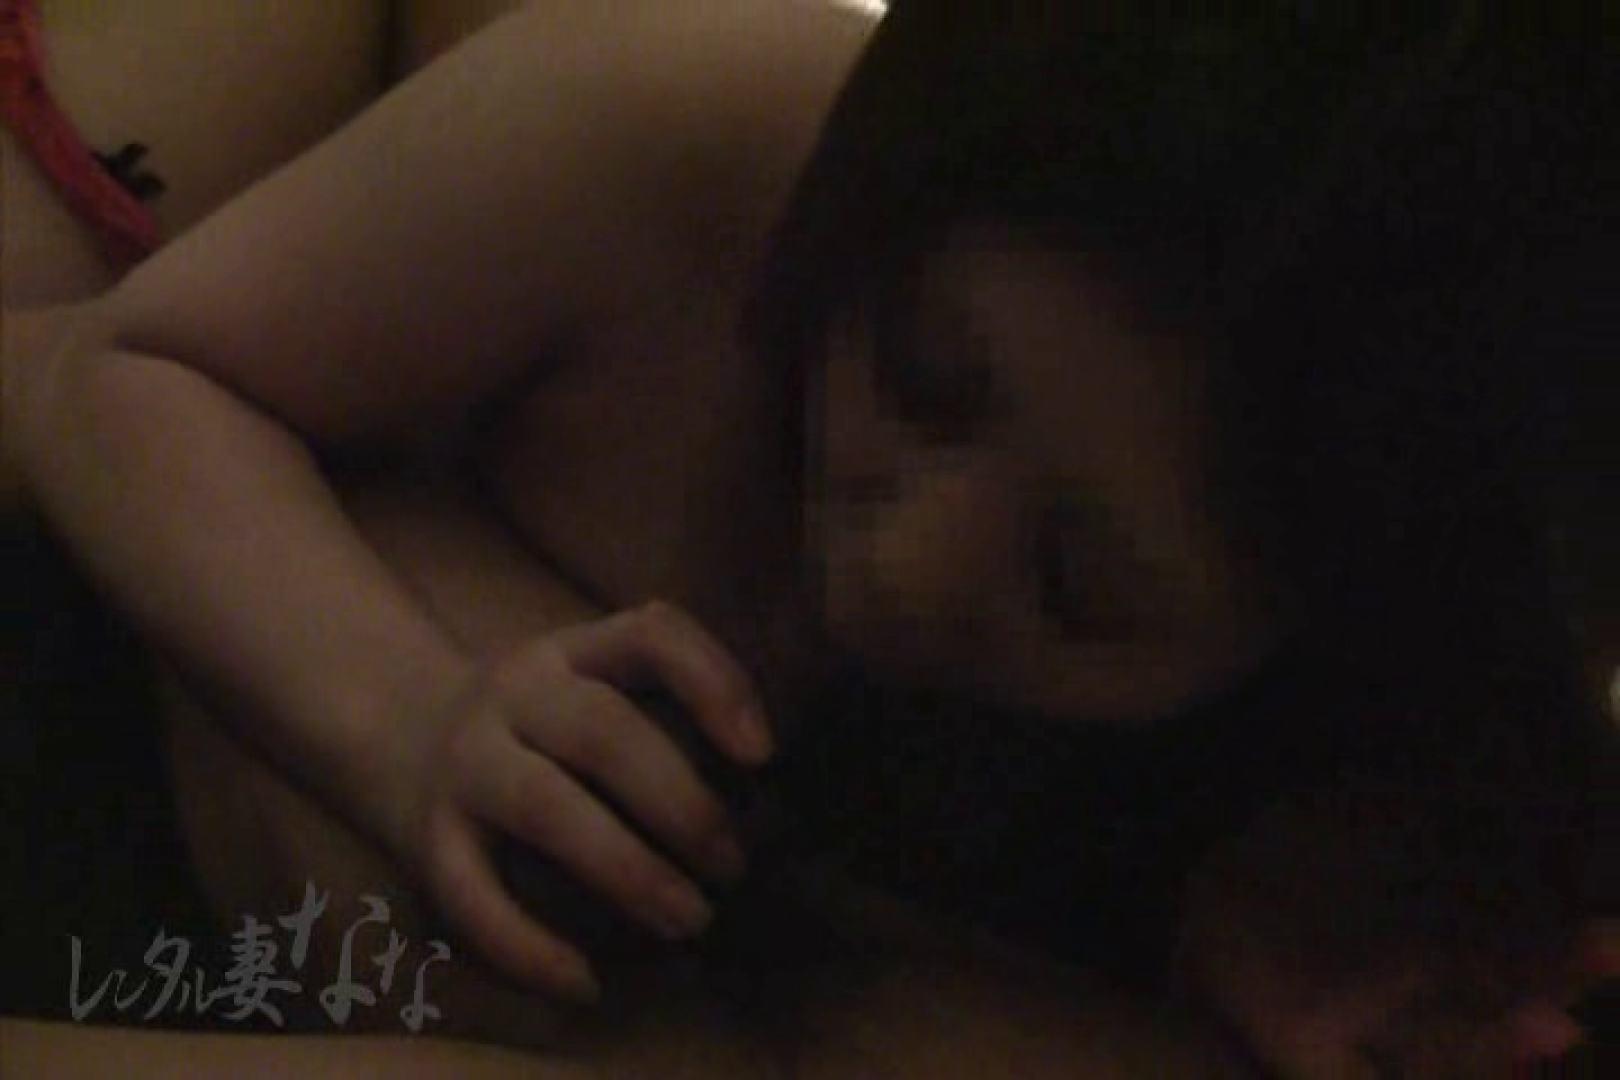 レンタル妻ななのお友達 ホテル | カップルのセックス  47連発 17